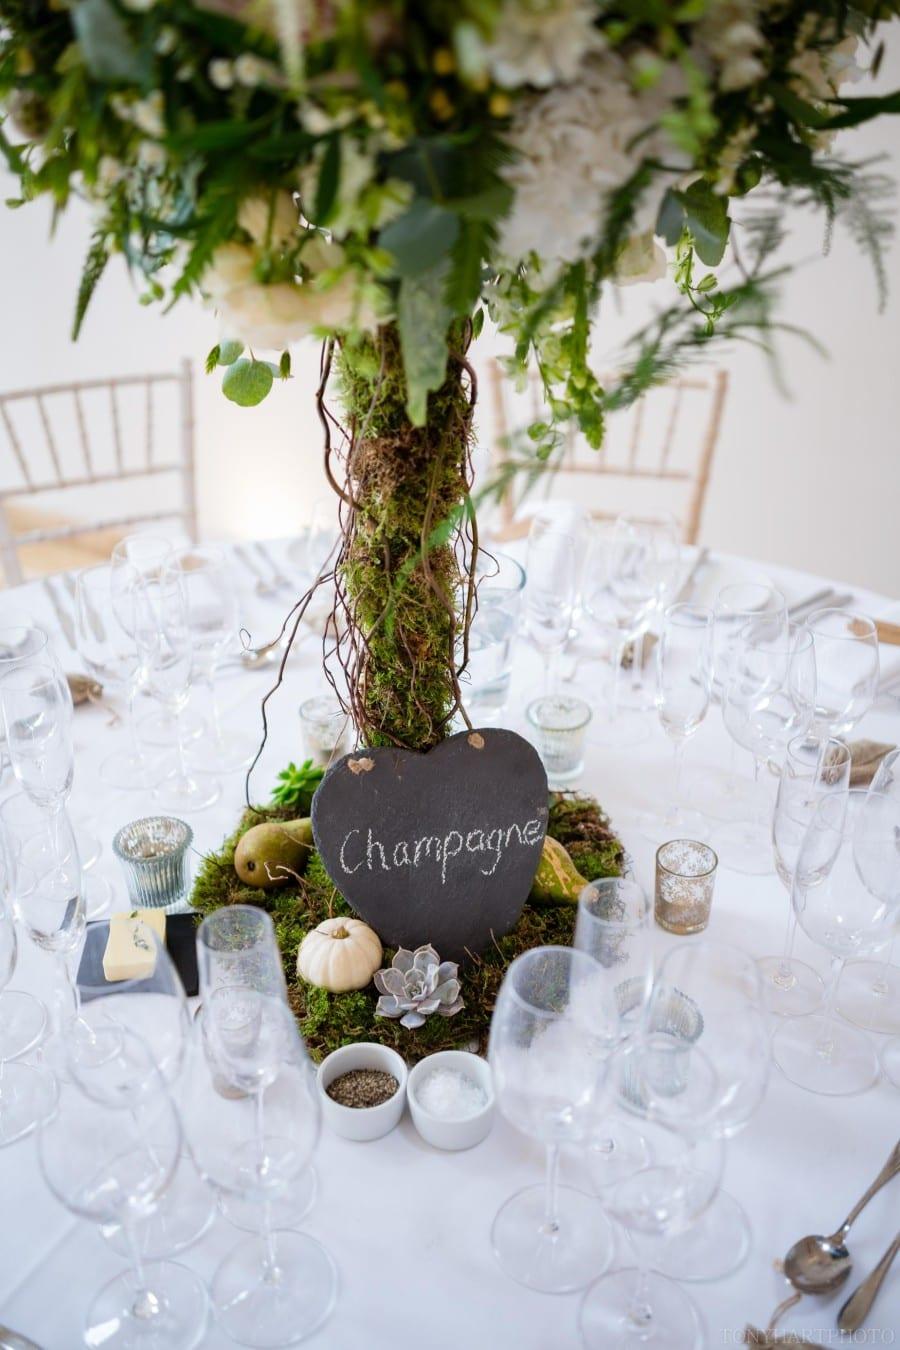 millbridge_court_wedding_kd_53